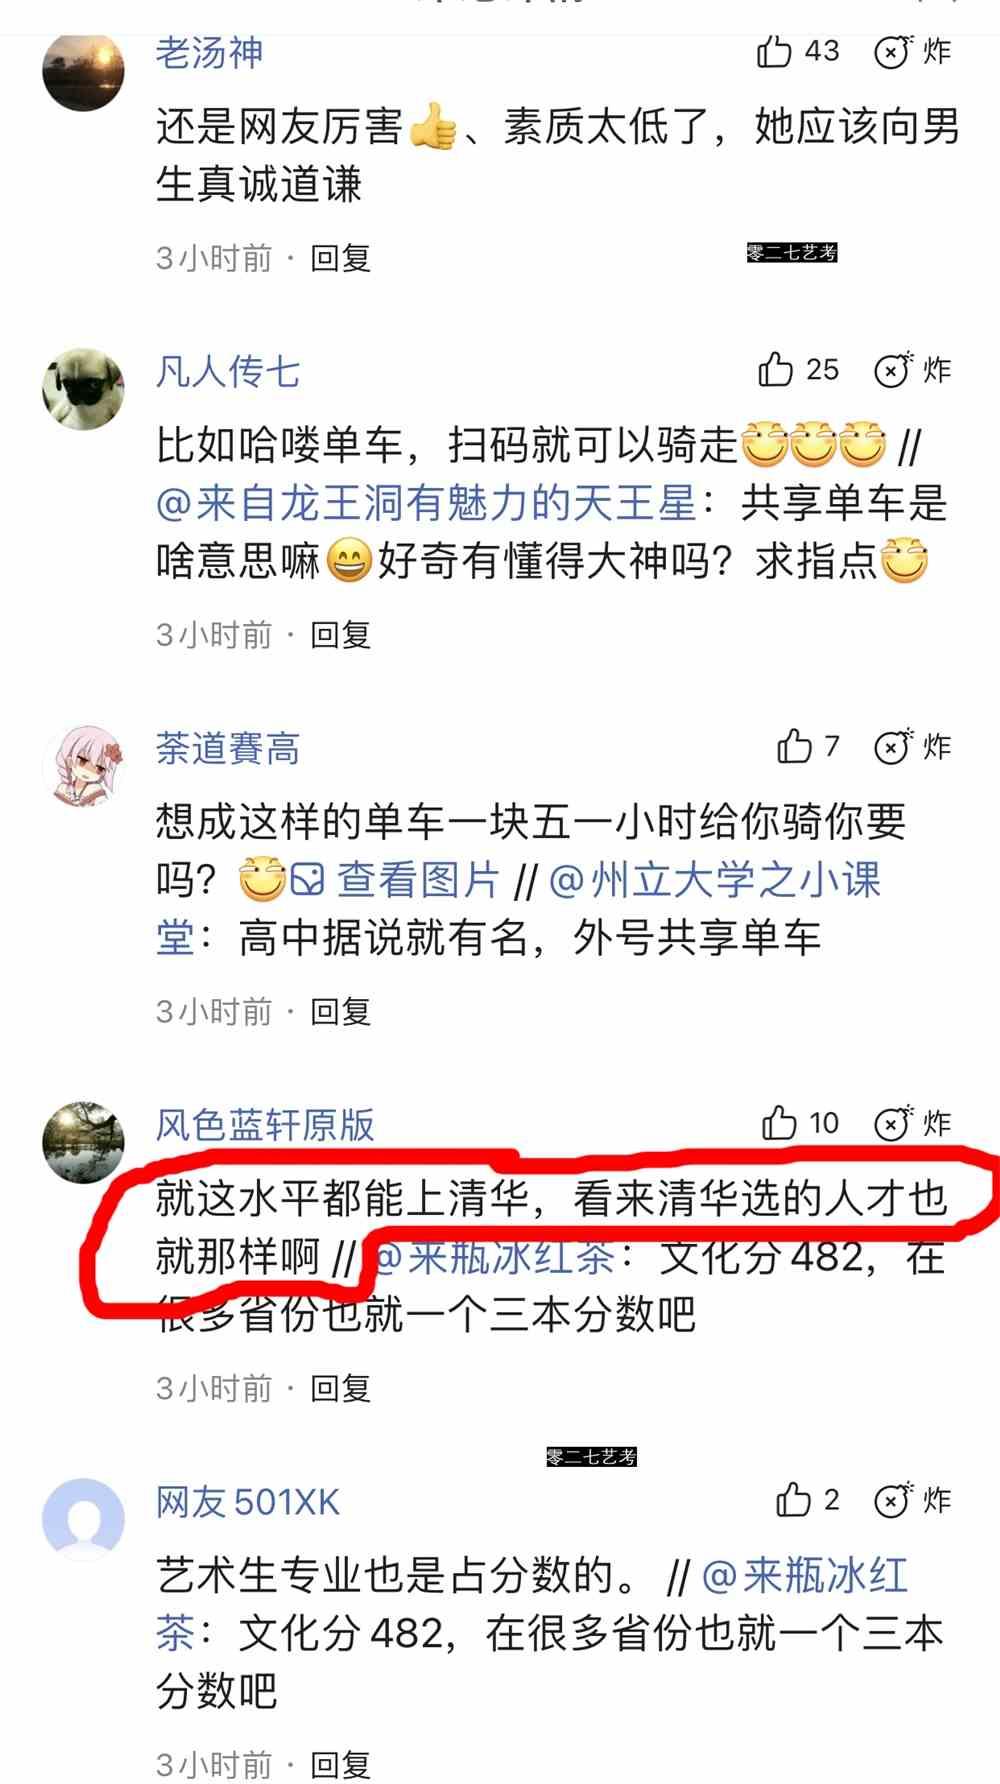 寰俊鍥剧墖_20201122125938.png